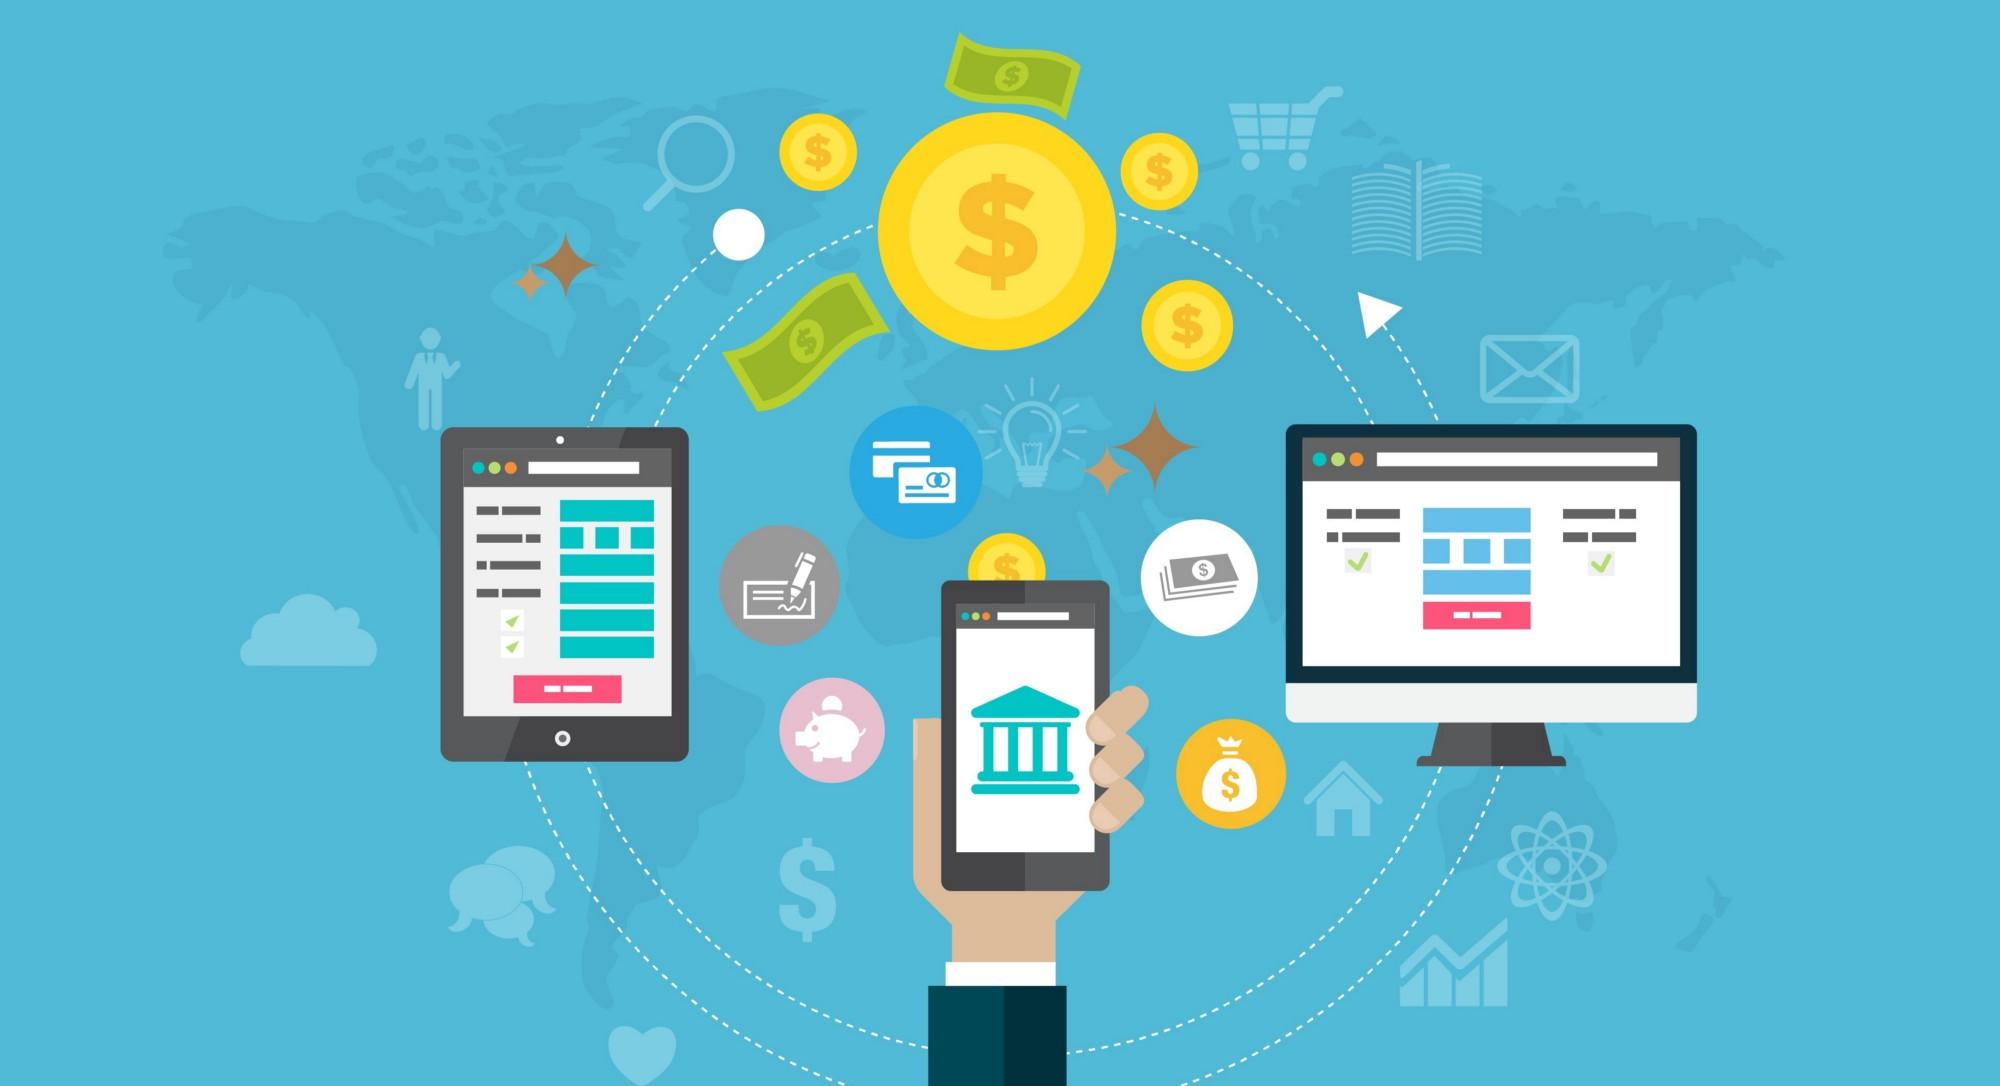 La banca digital avanza a pasos agigantados